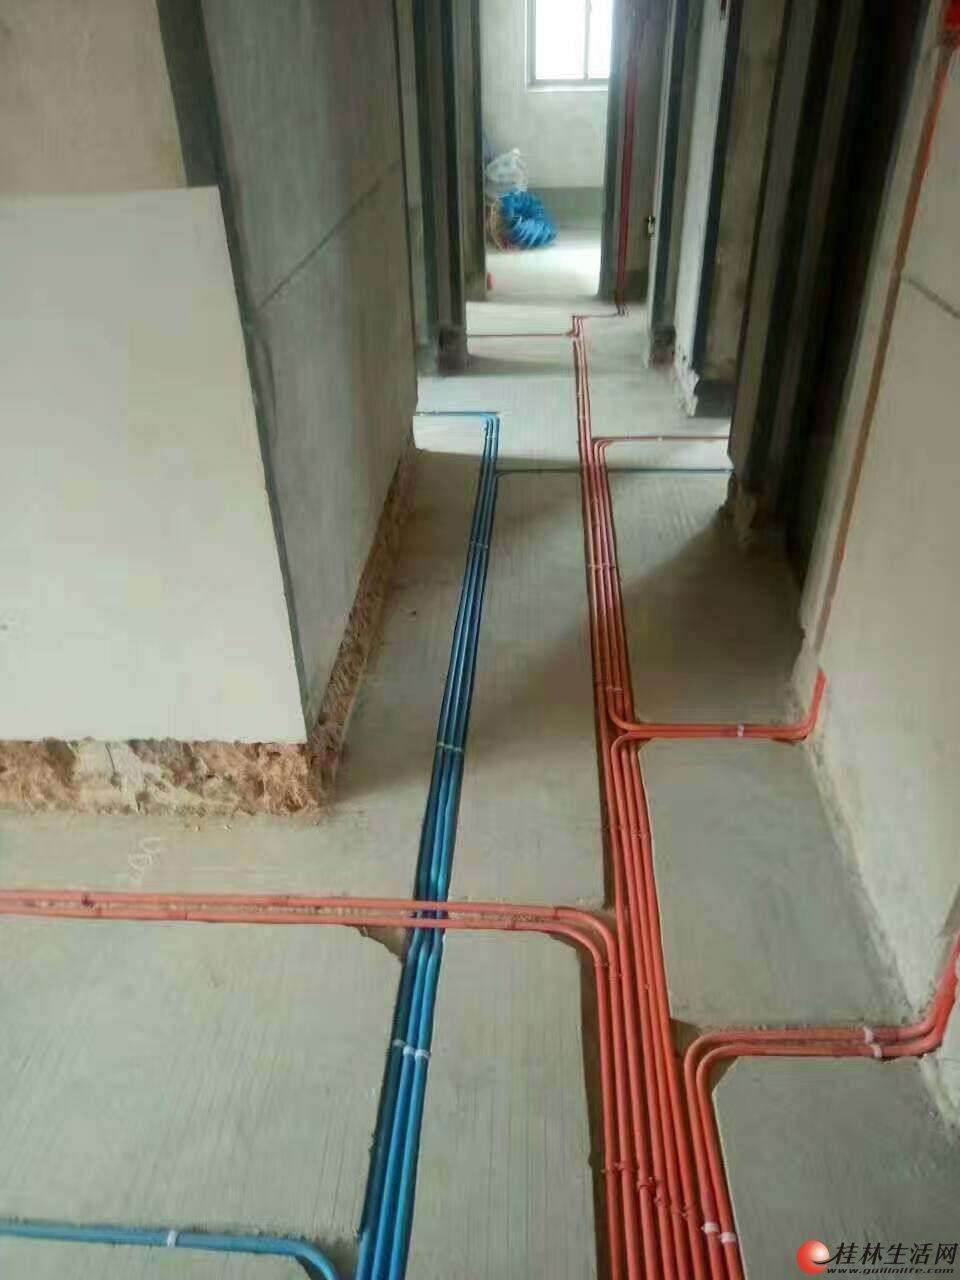 桂林专业水电安装、维修,点工